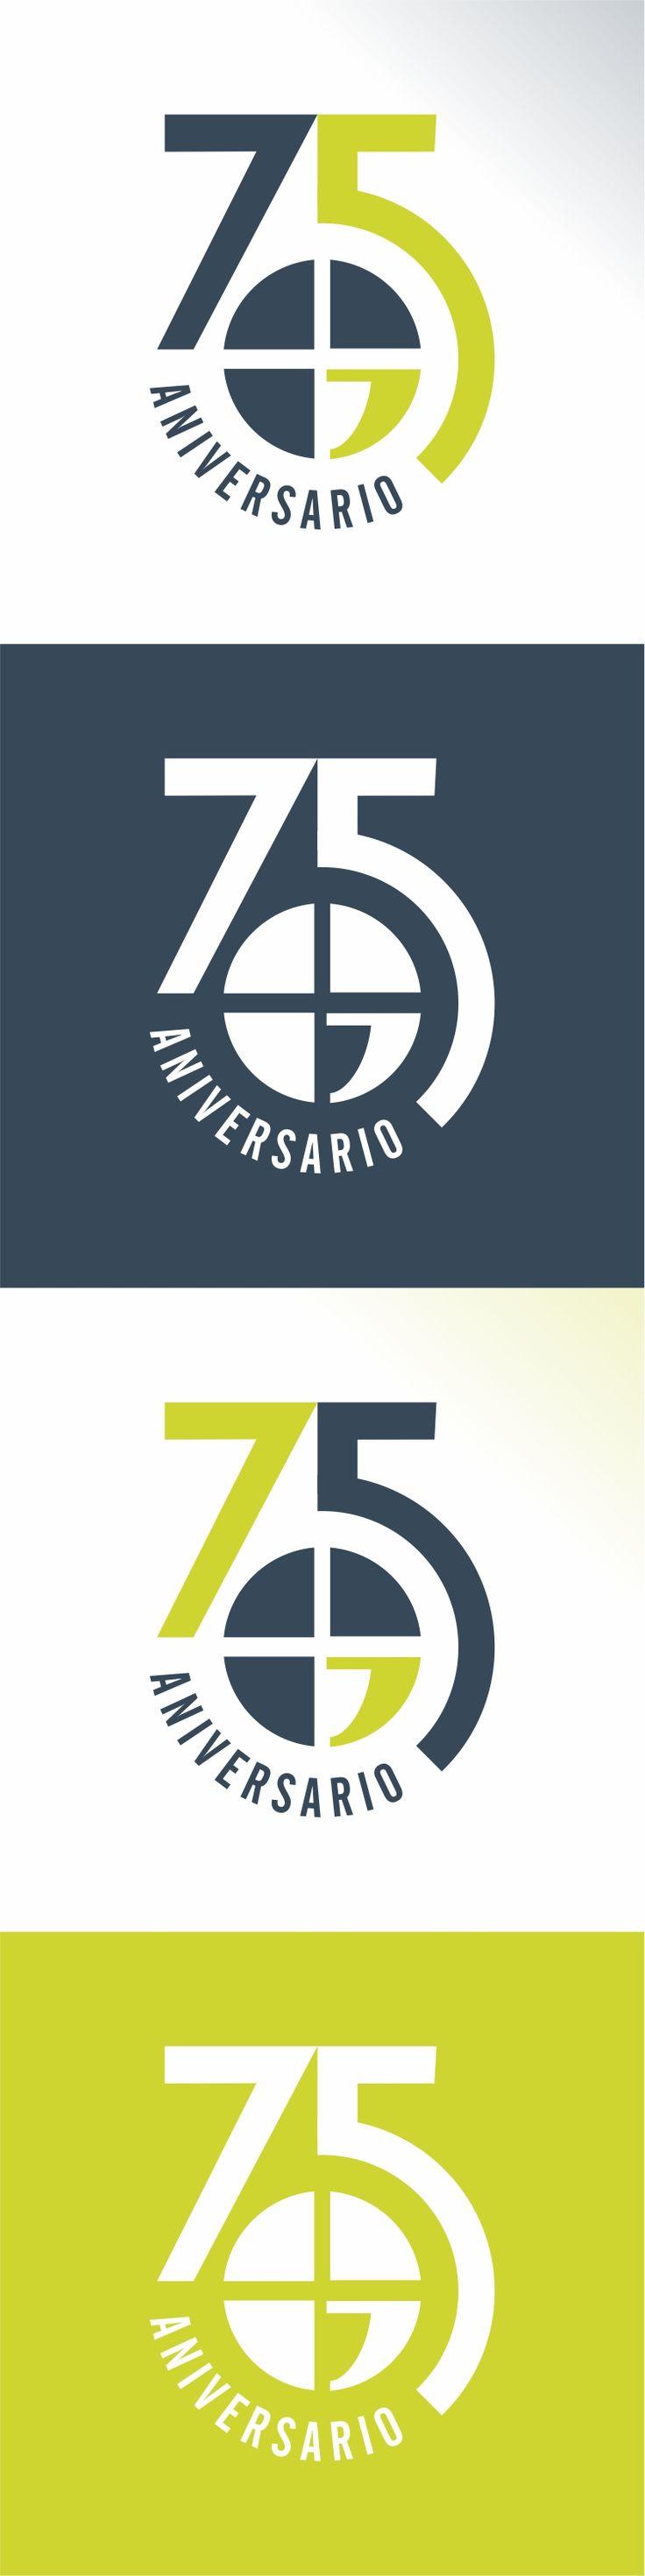 75 aniversario IMPRENTA GRAU